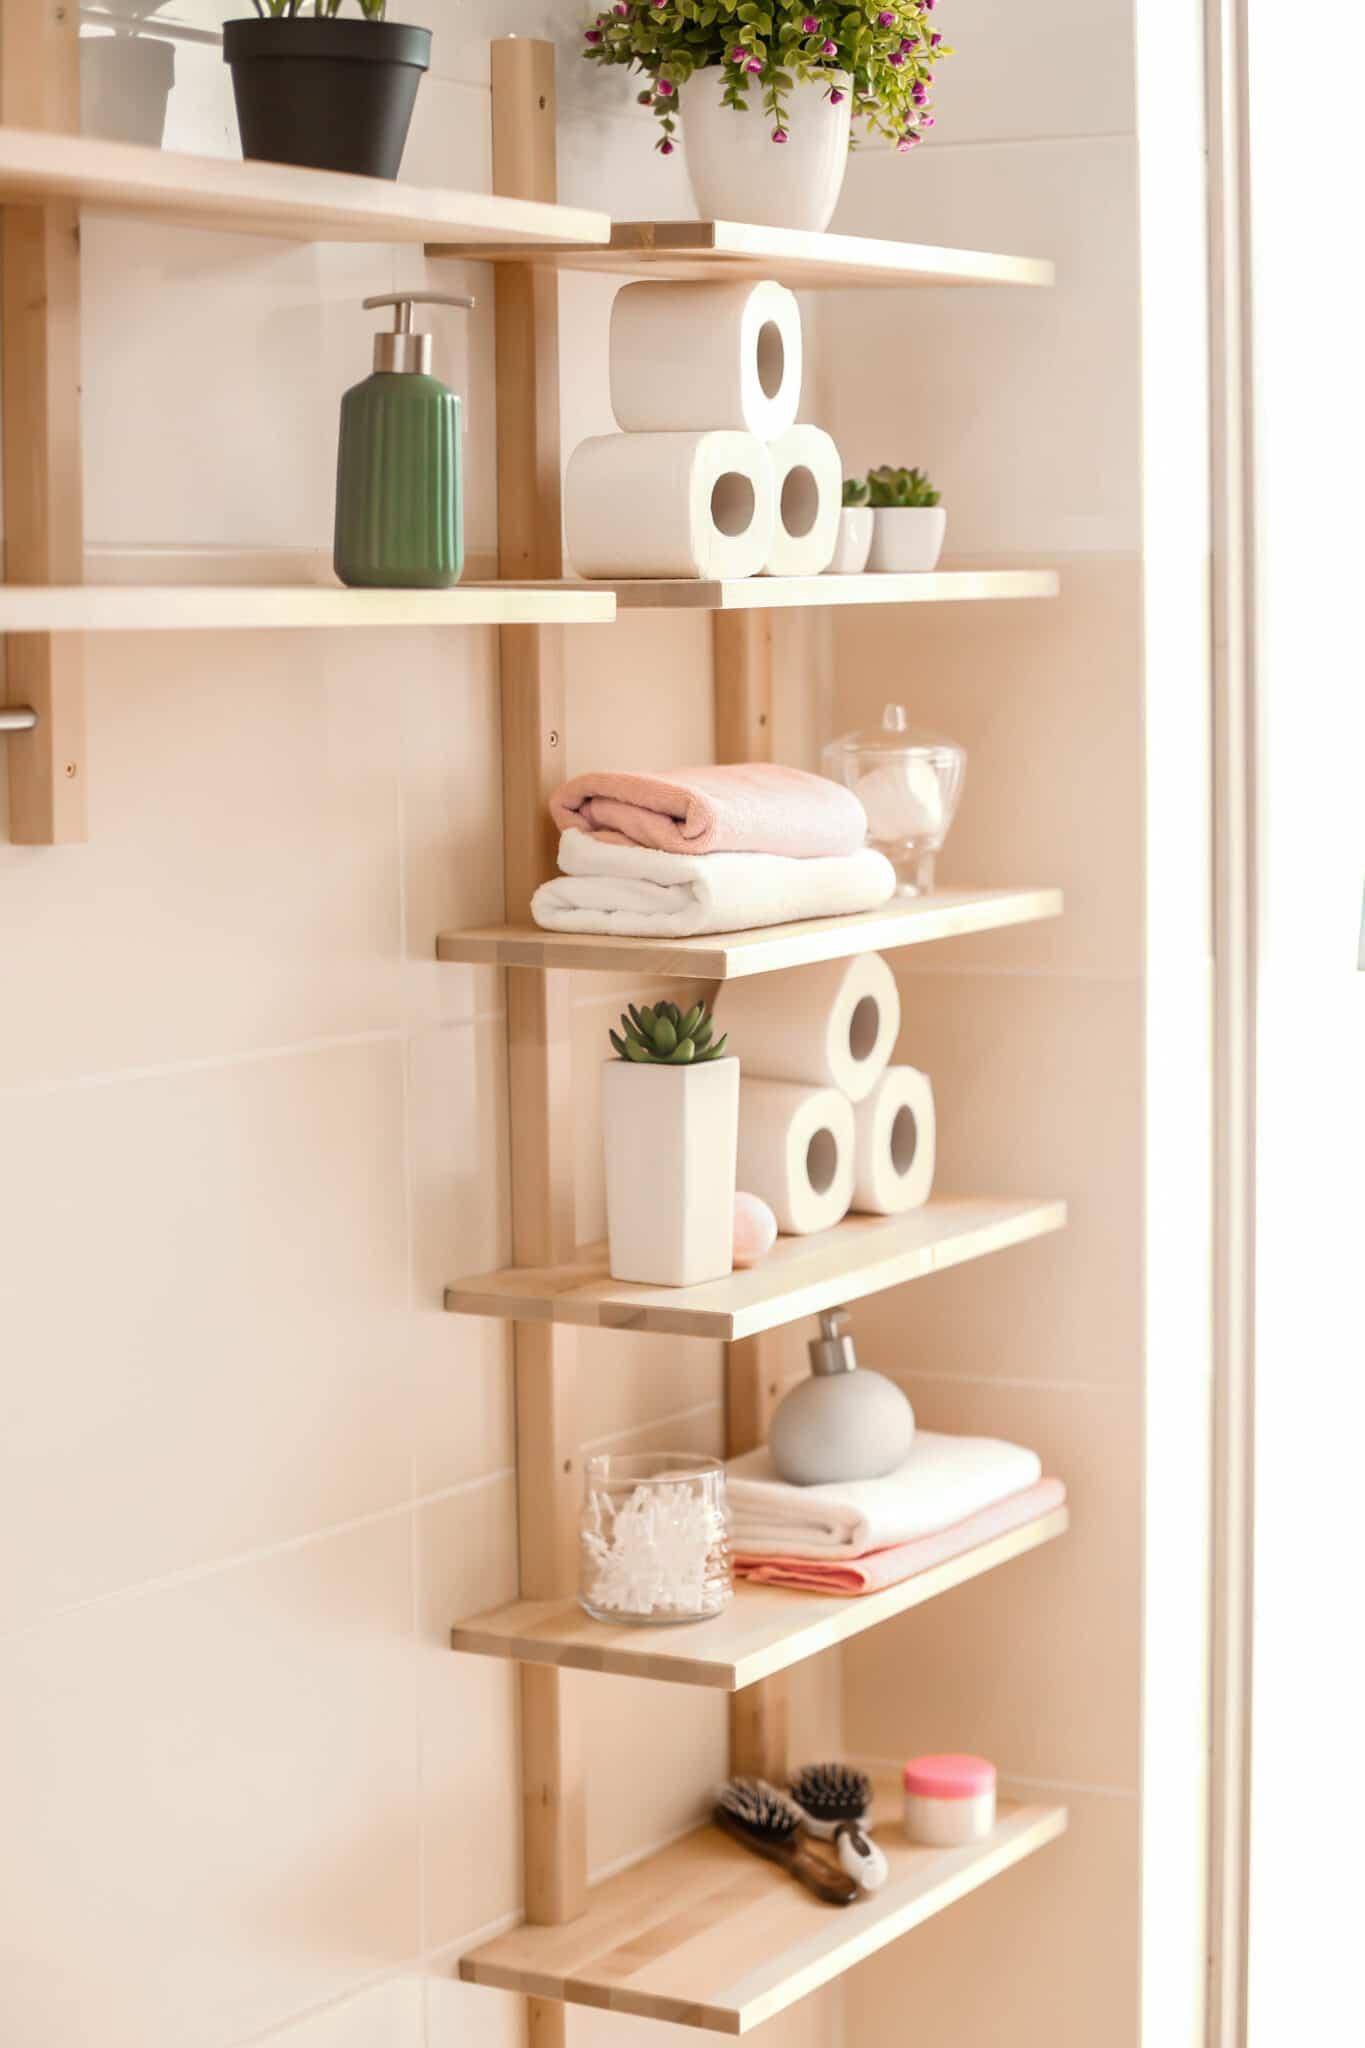 Une grande étagère étroite utilisée comme petite idée de rangement pour la salle de bain.